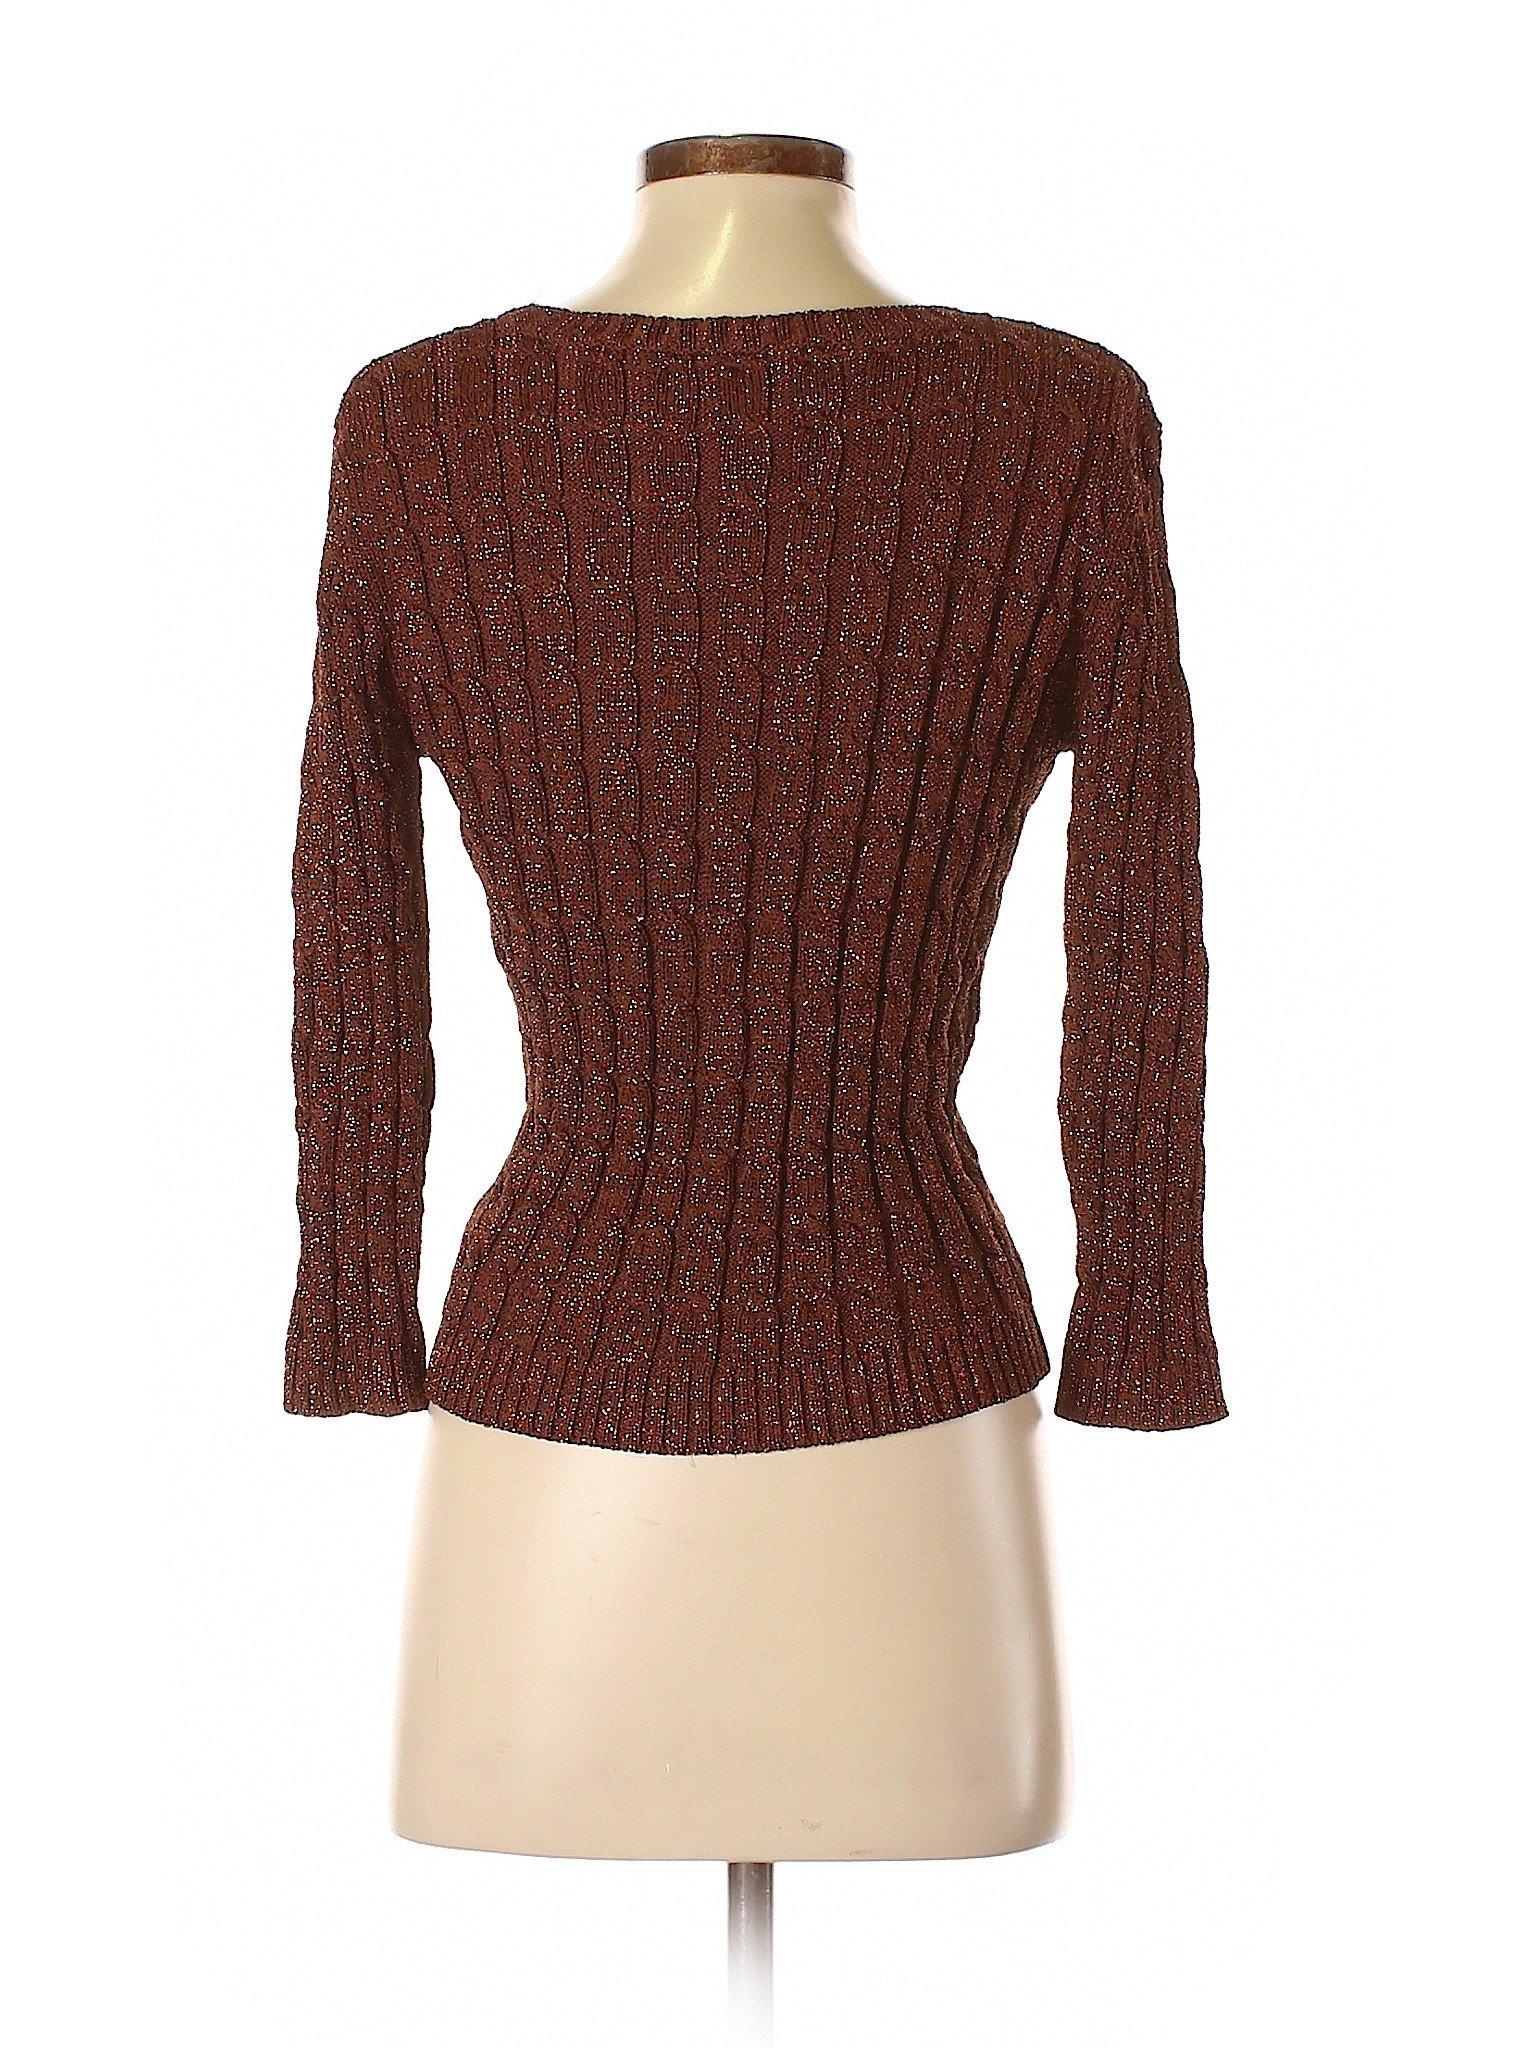 Pullover Pullover Sweater Boutique Boutique A Joseph Joseph A gx1qOw88